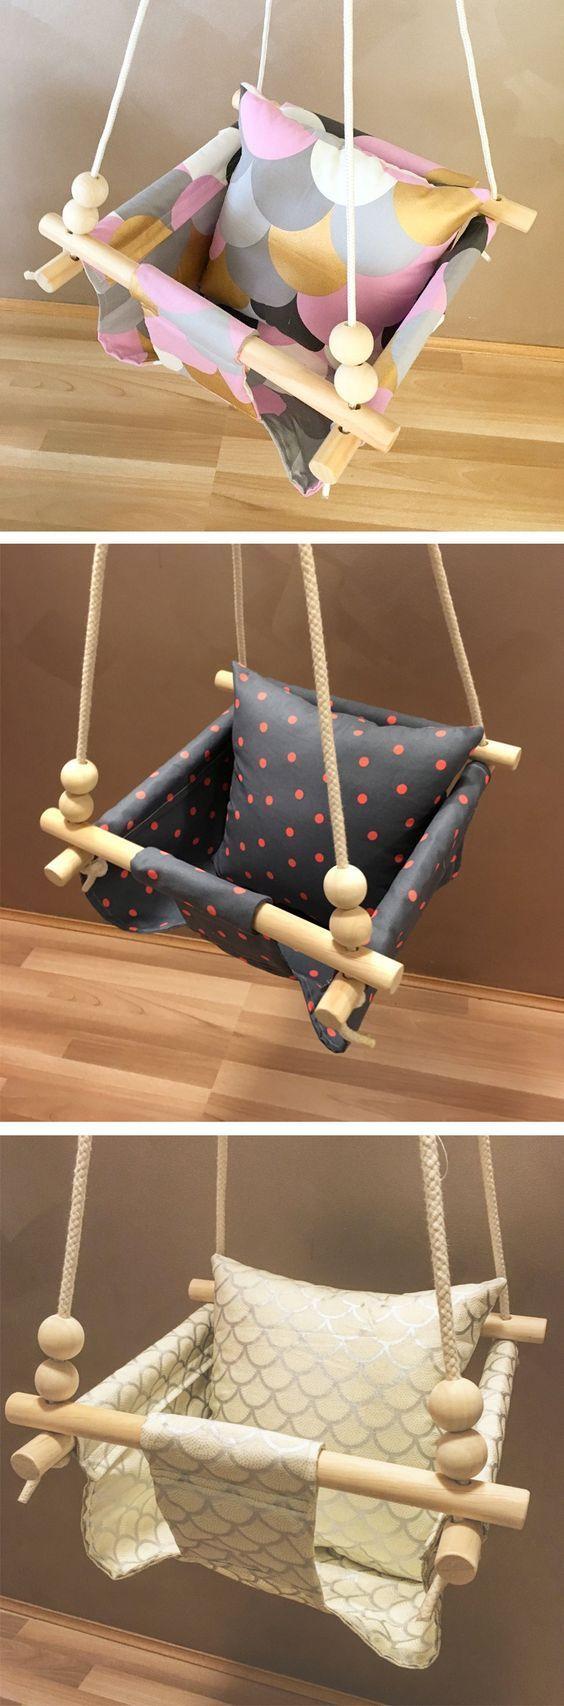 Perfekte rosa Swing / handgemachte Sackleinen Baby Schaukel, Kleinkind Schaukel oder Kinder Schaukel und Rassel #babykidclothesandideas